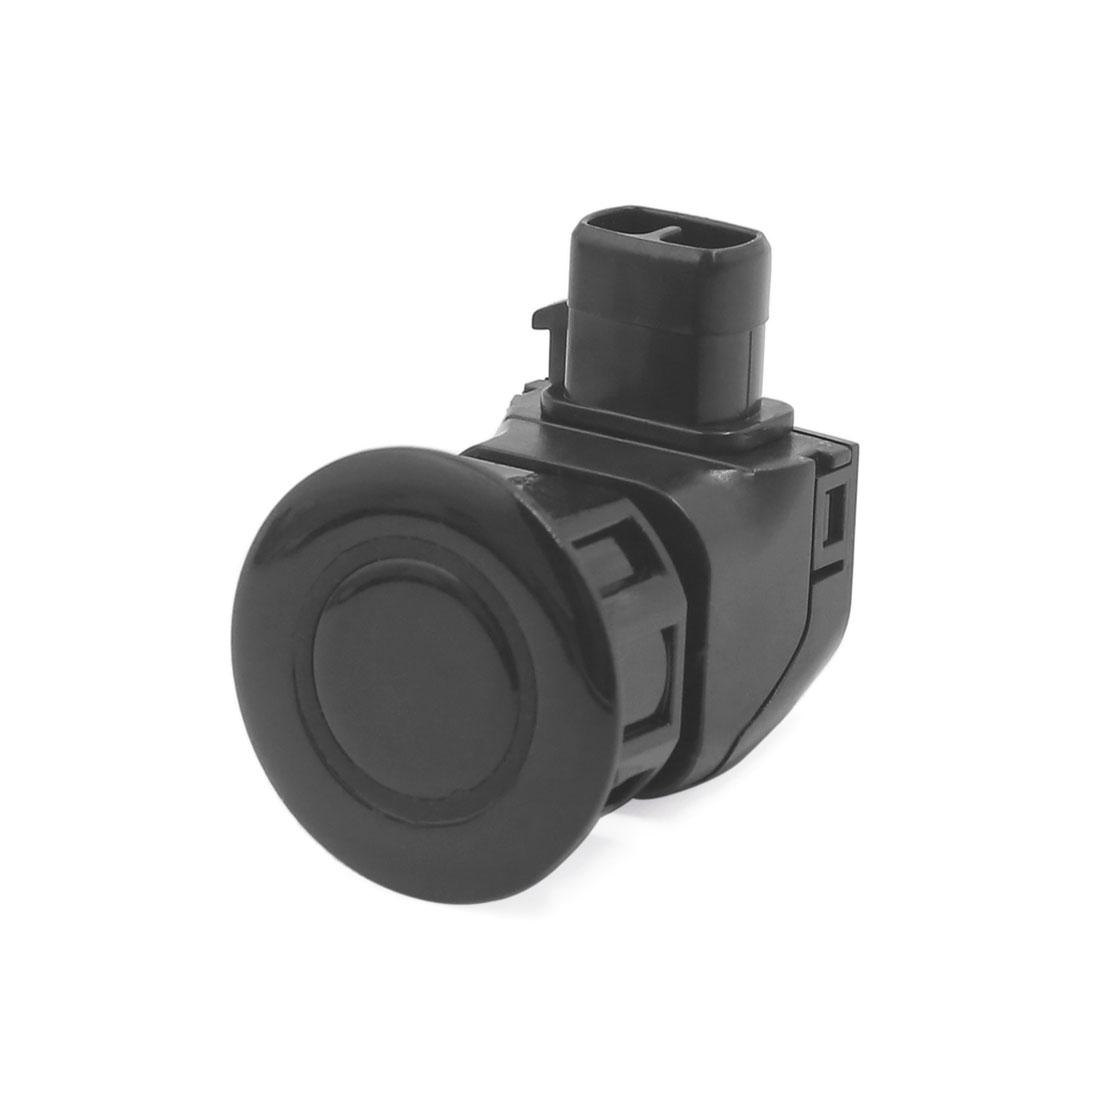 Black PDC Bumper Reverse Parking Sensor for Lexus GS300 GS430 IS250 89341-30020-C0